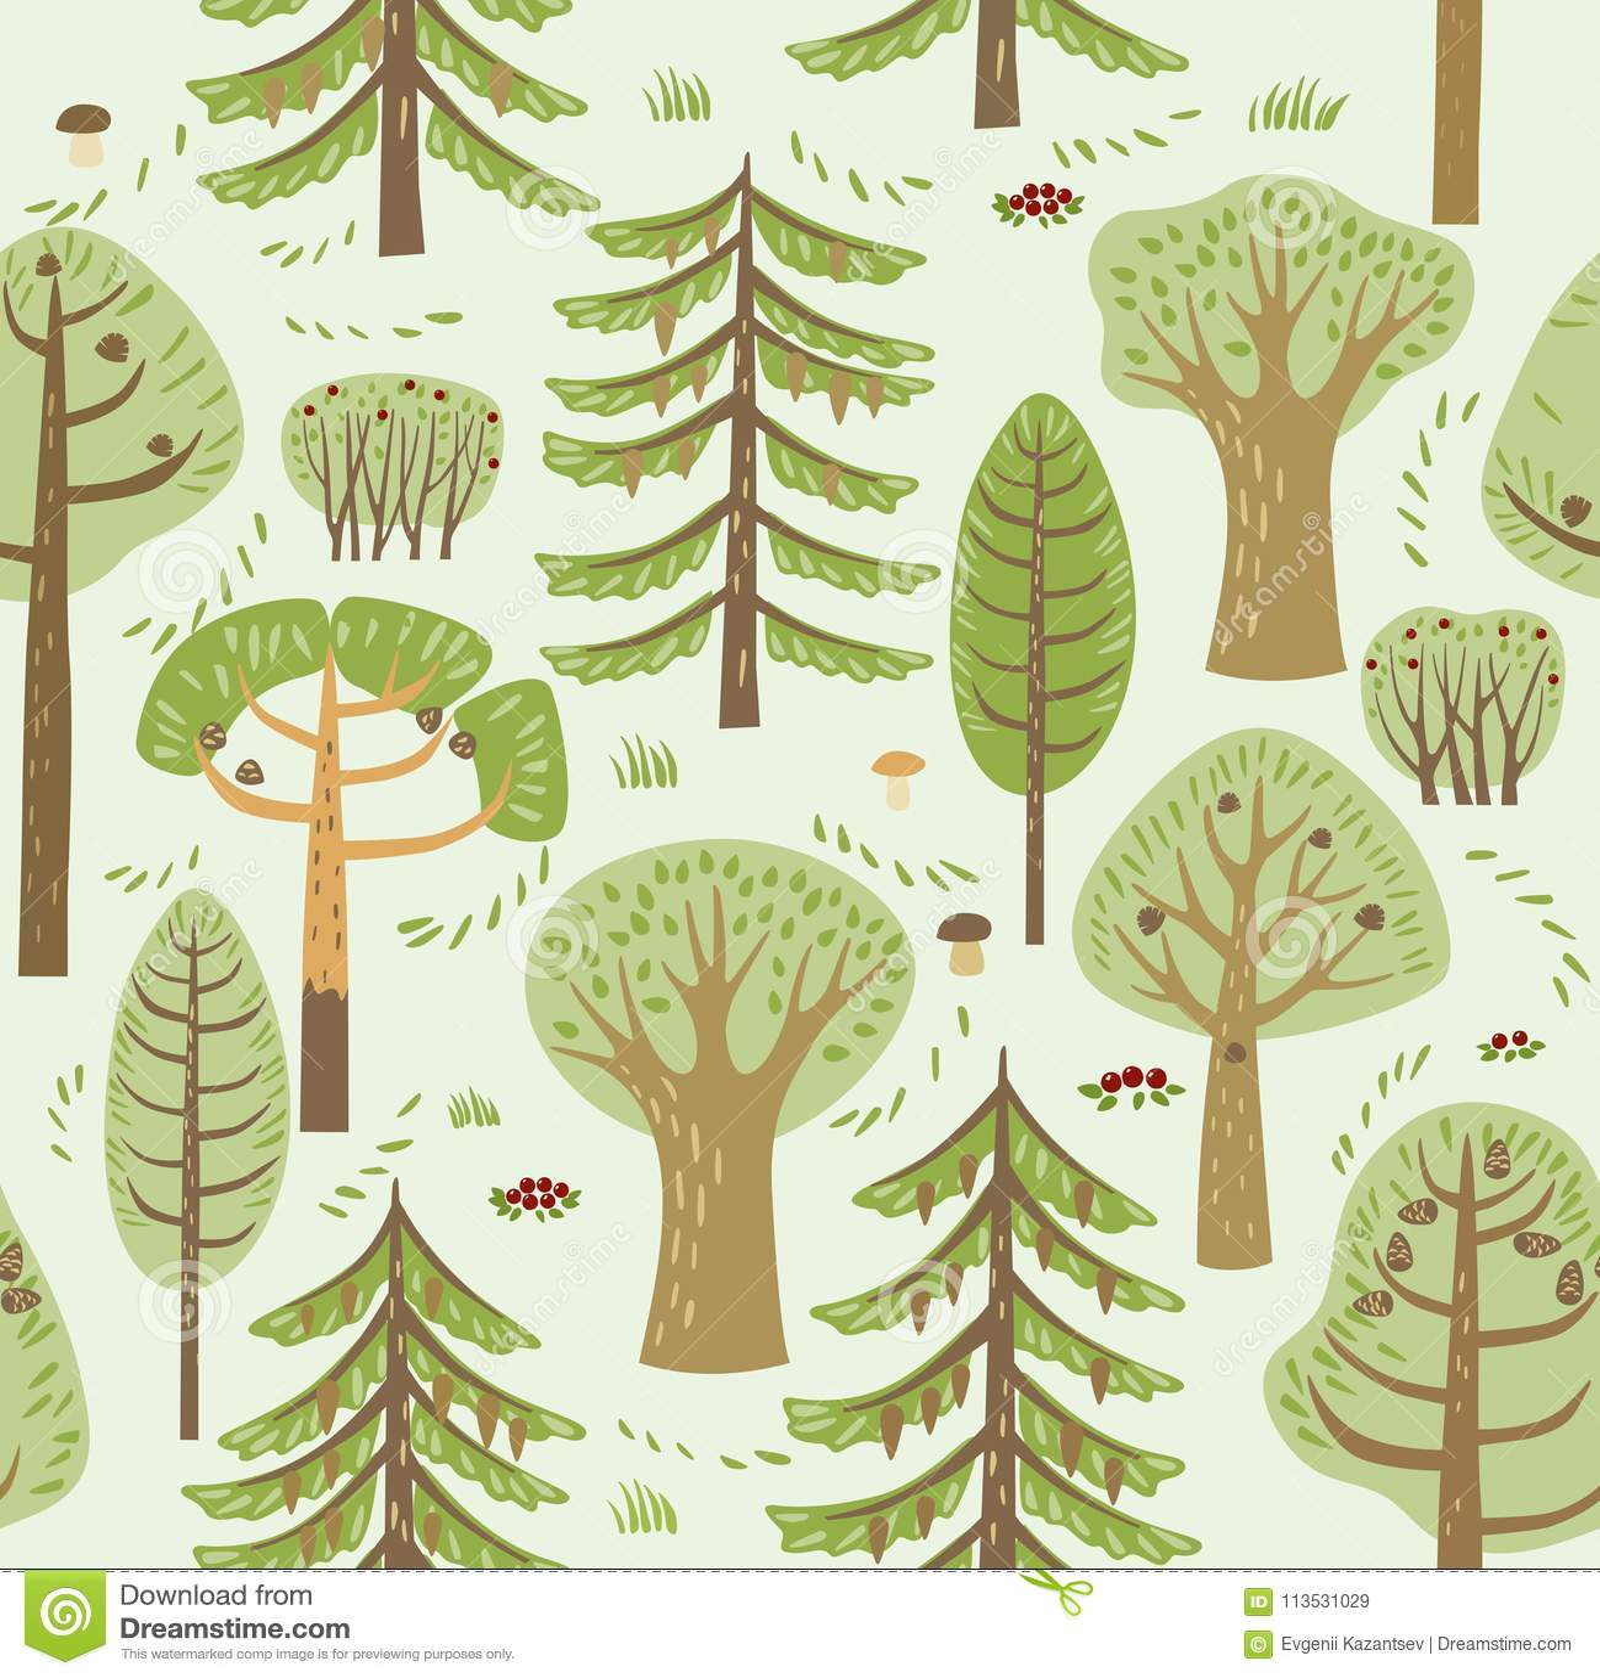 Τα θερινά δασικά κωνοφόρα και αποβαλλόμενα διαφορετικά δέντρα αυξάνονται σε ένα πράσινο υπόβαθρο Μεταξύ τους, των μανιταριών, των